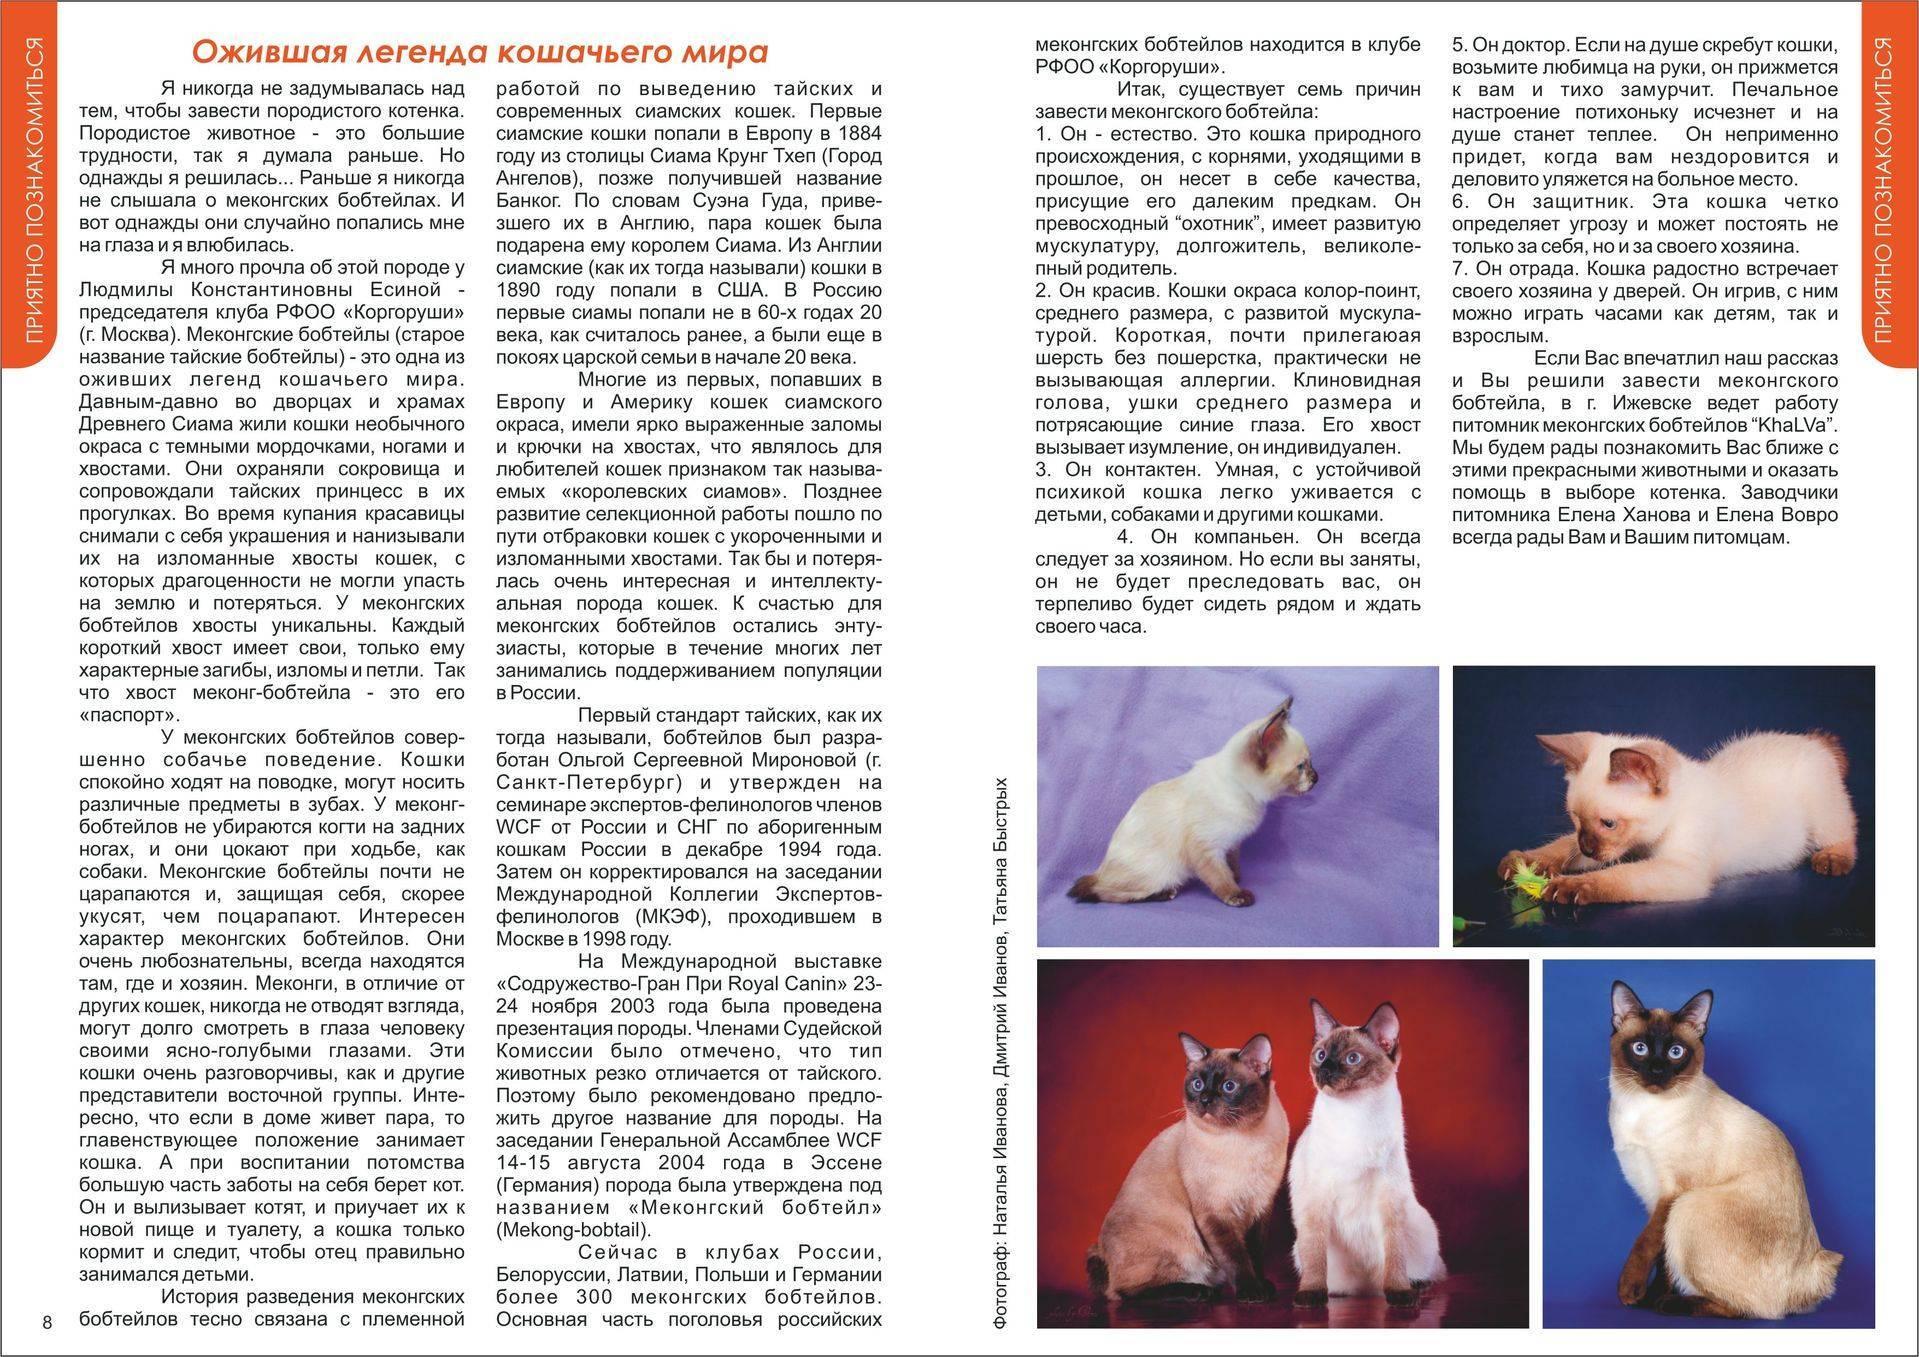 Меконгский бобтейл, тайские и сиамские кошки бобтейлы